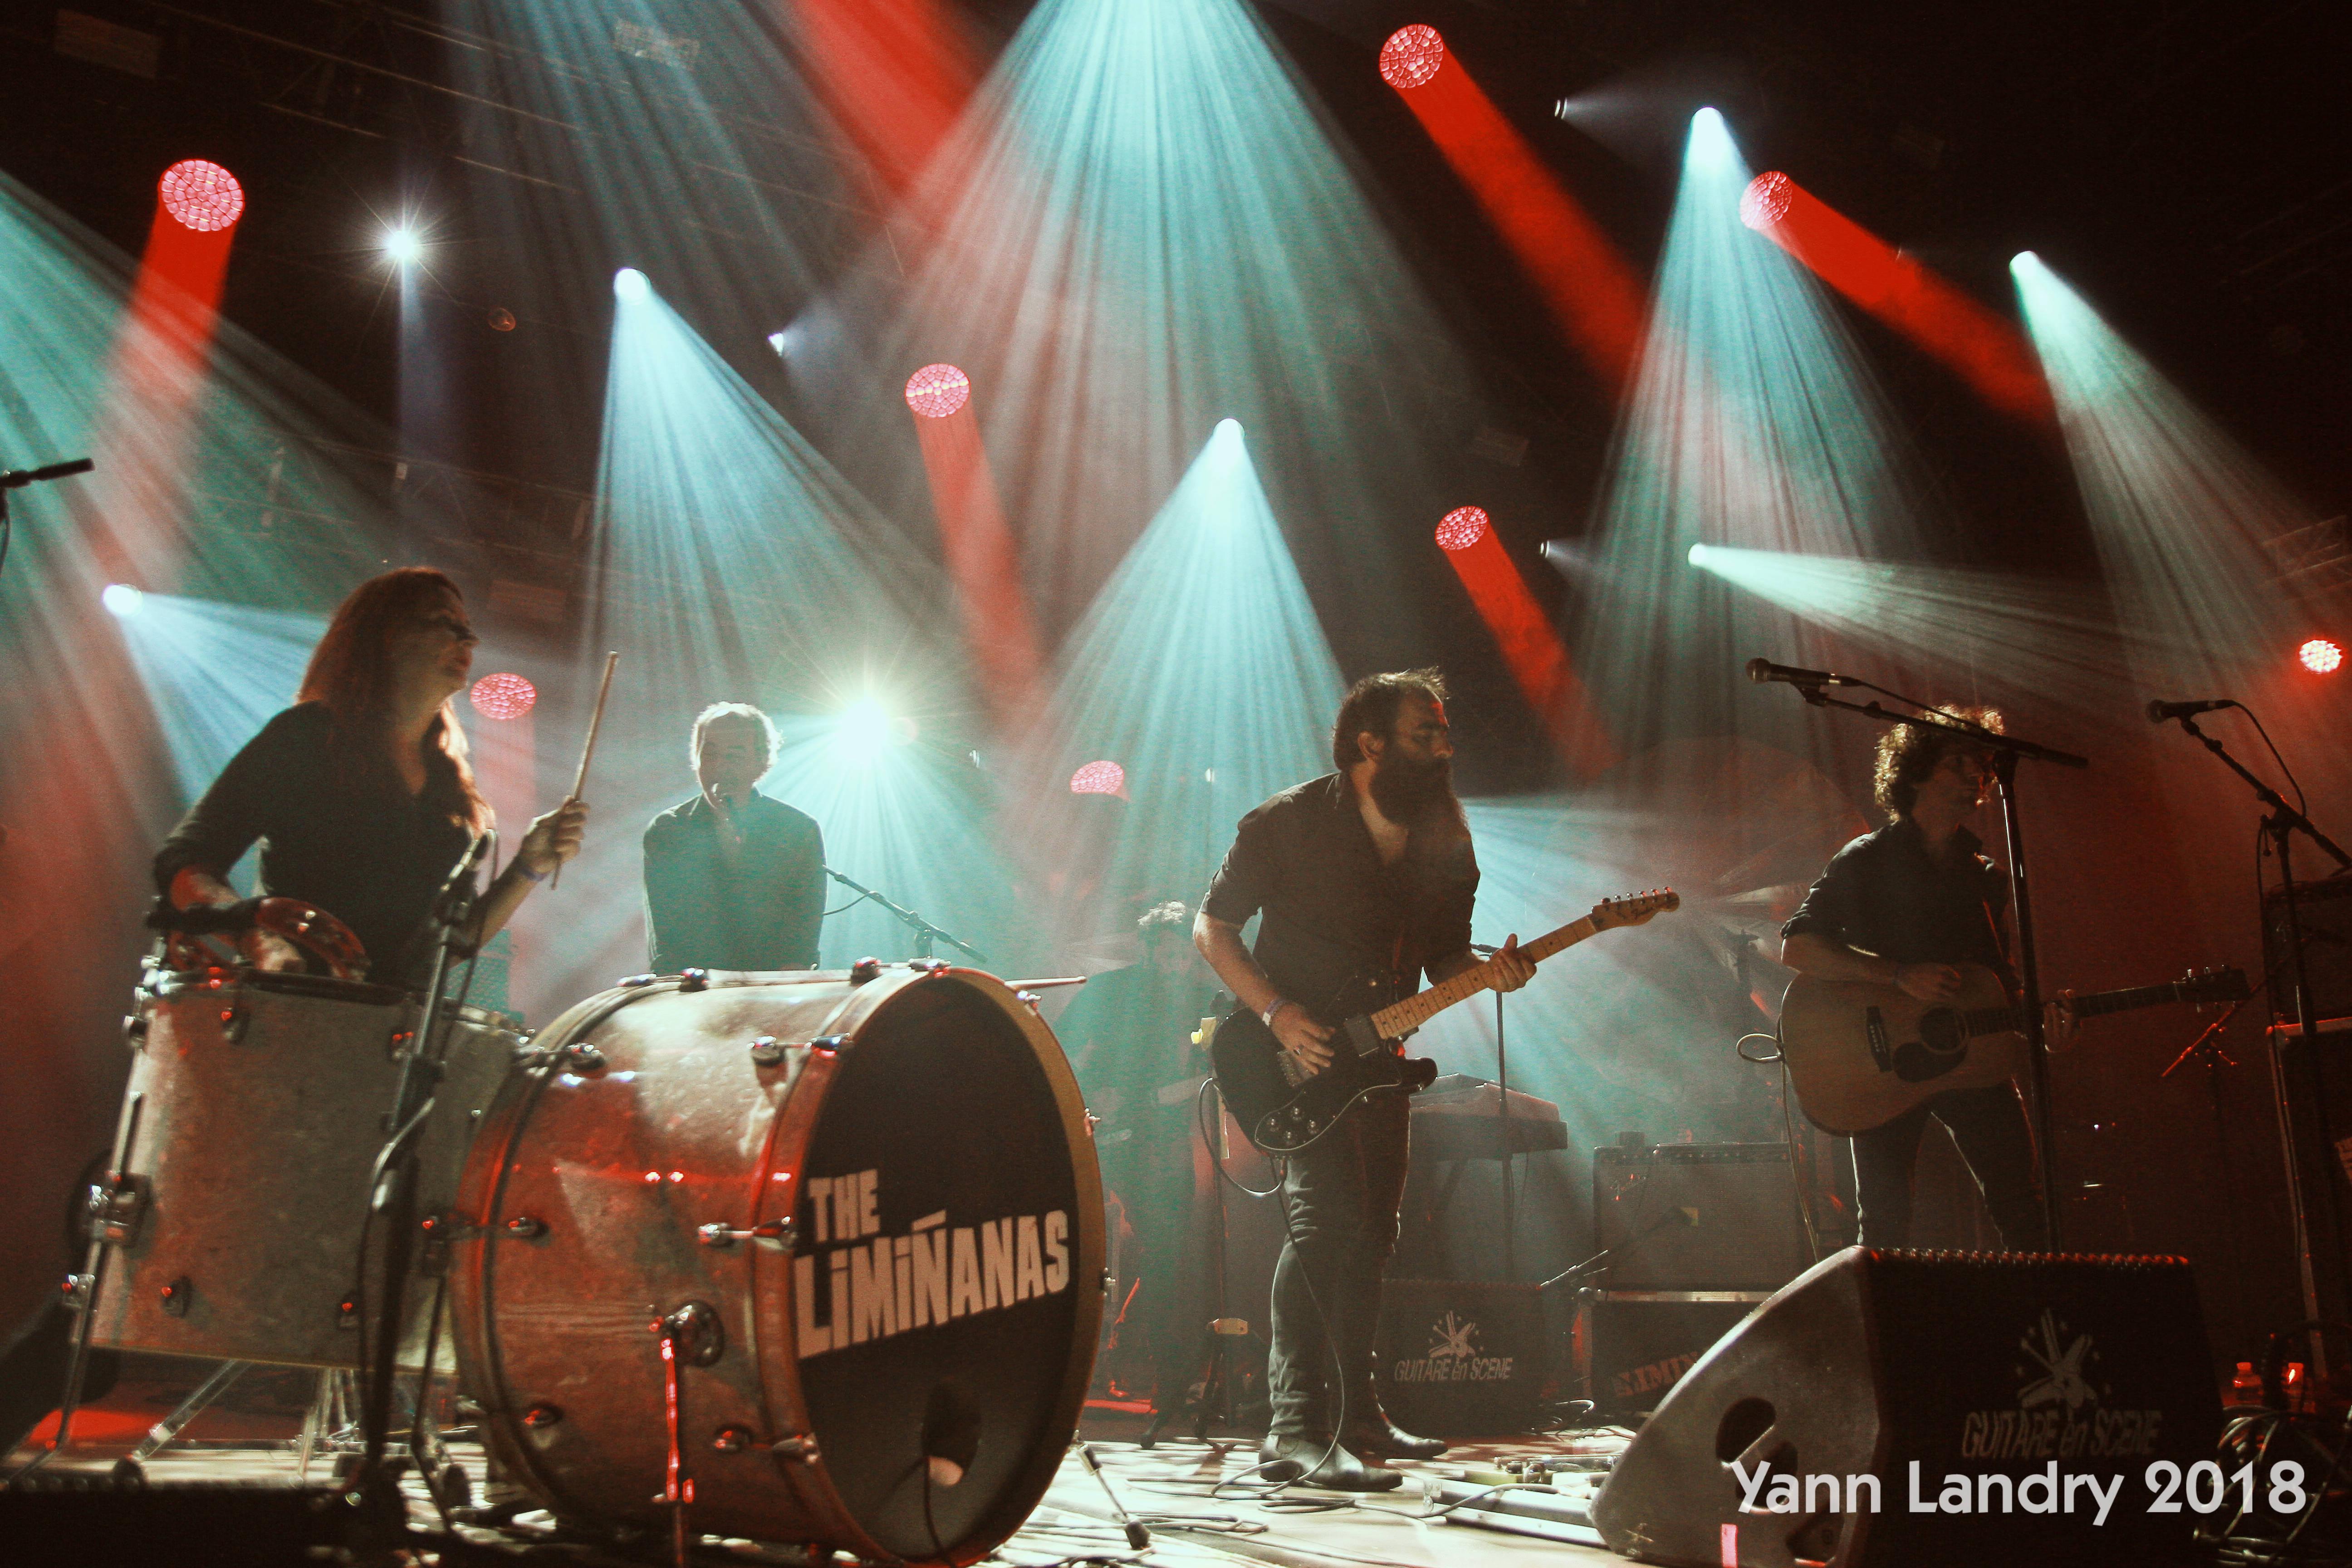 Liminanaze, rock, bouh ils sont trop pour rien, Yann Landry